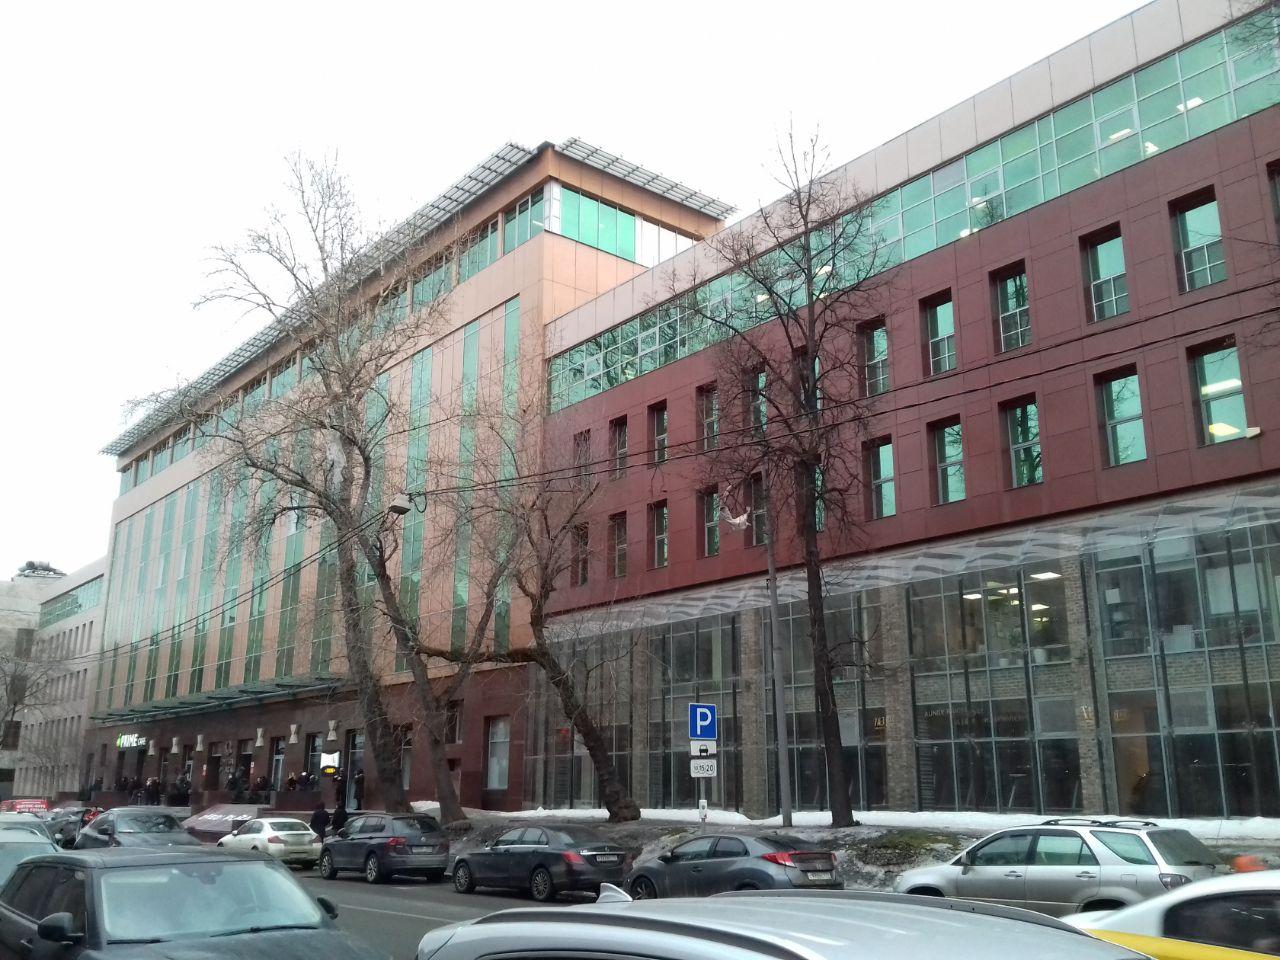 аренда помещений в БЦ Омега Плаза (Omega Plaza) (19)